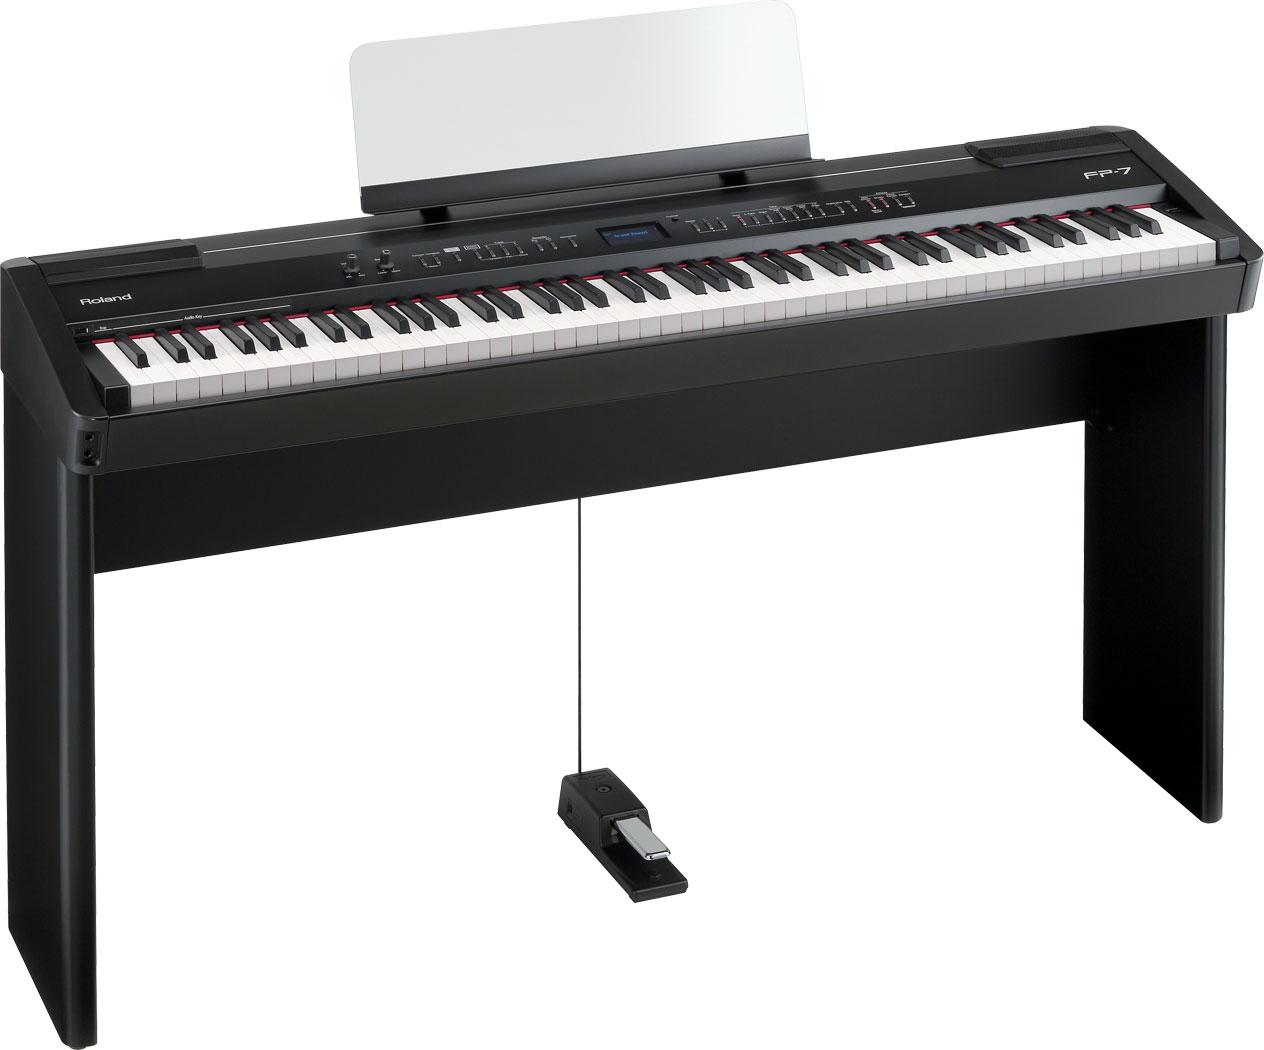 roland fp 7 digital portable piano rh roland com roland fp-7 manual Roland FP- 7F